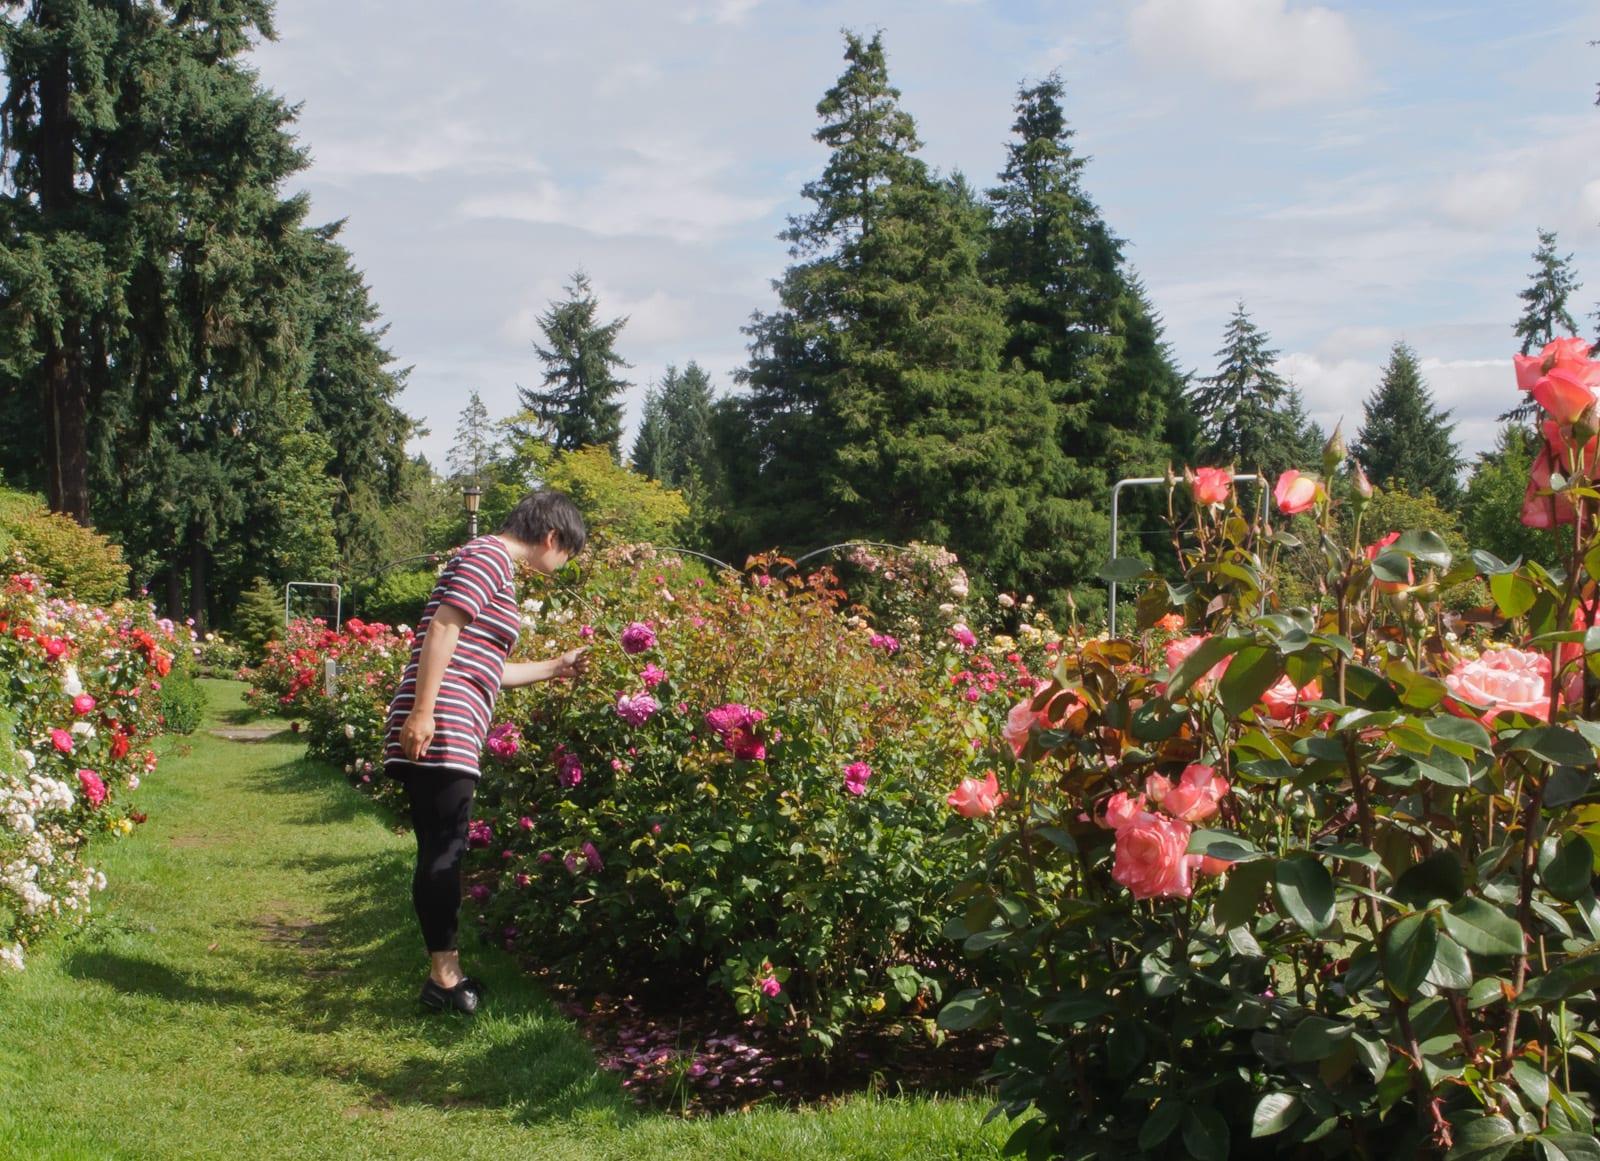 International Test Rose Garden in Flickr | © InSapphoWeTrust/Flickr